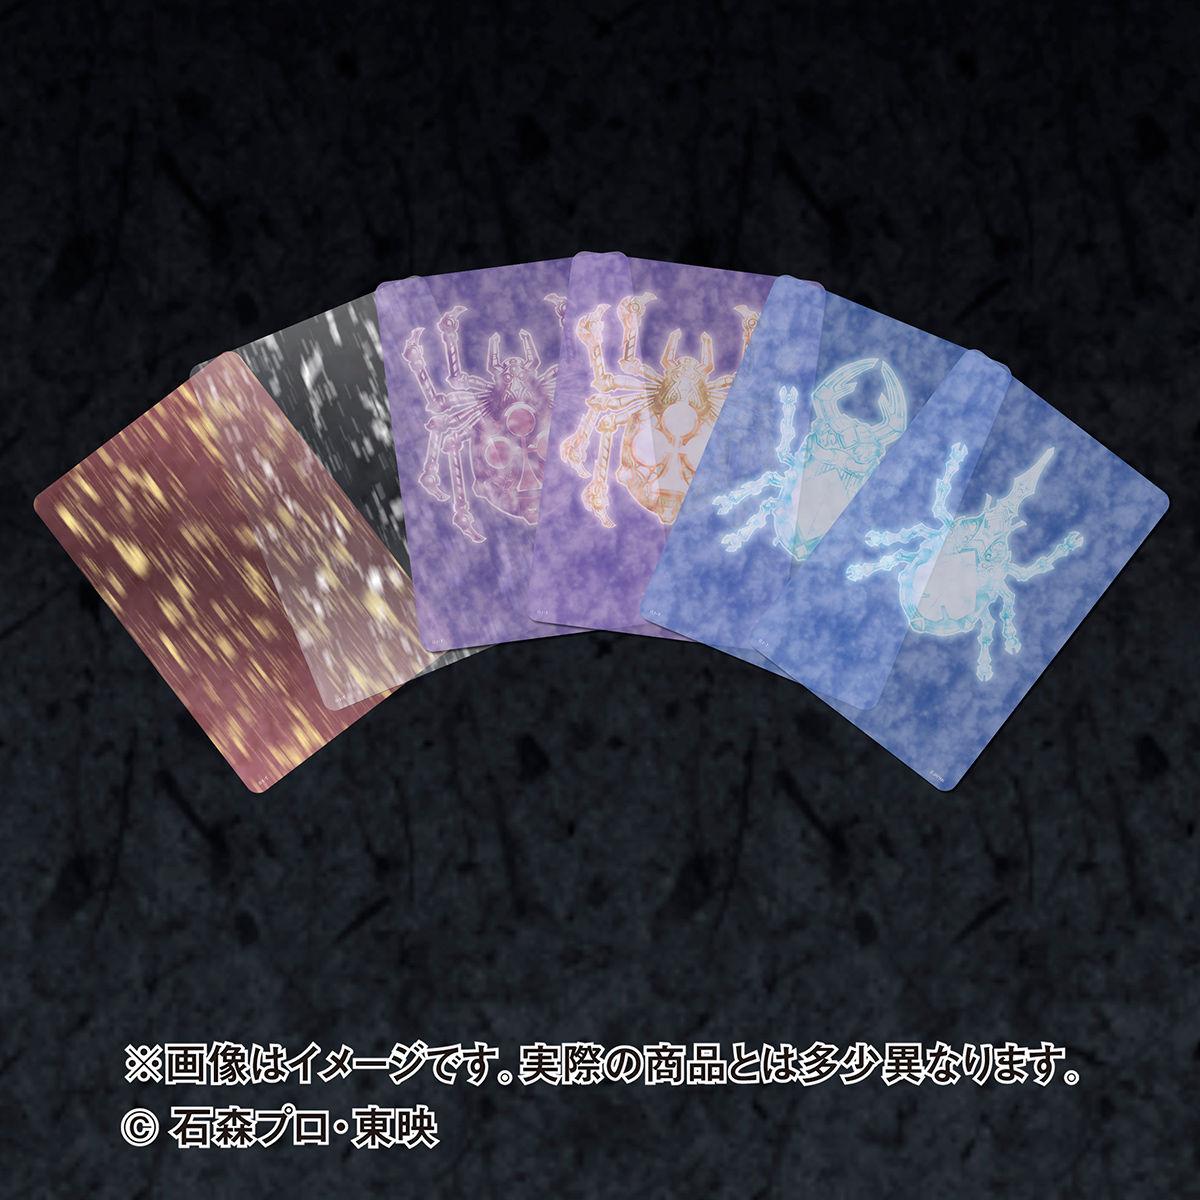 仮面ライダー剣『ラウズカードアーカイブス BOARD COLLECTION』カード-004